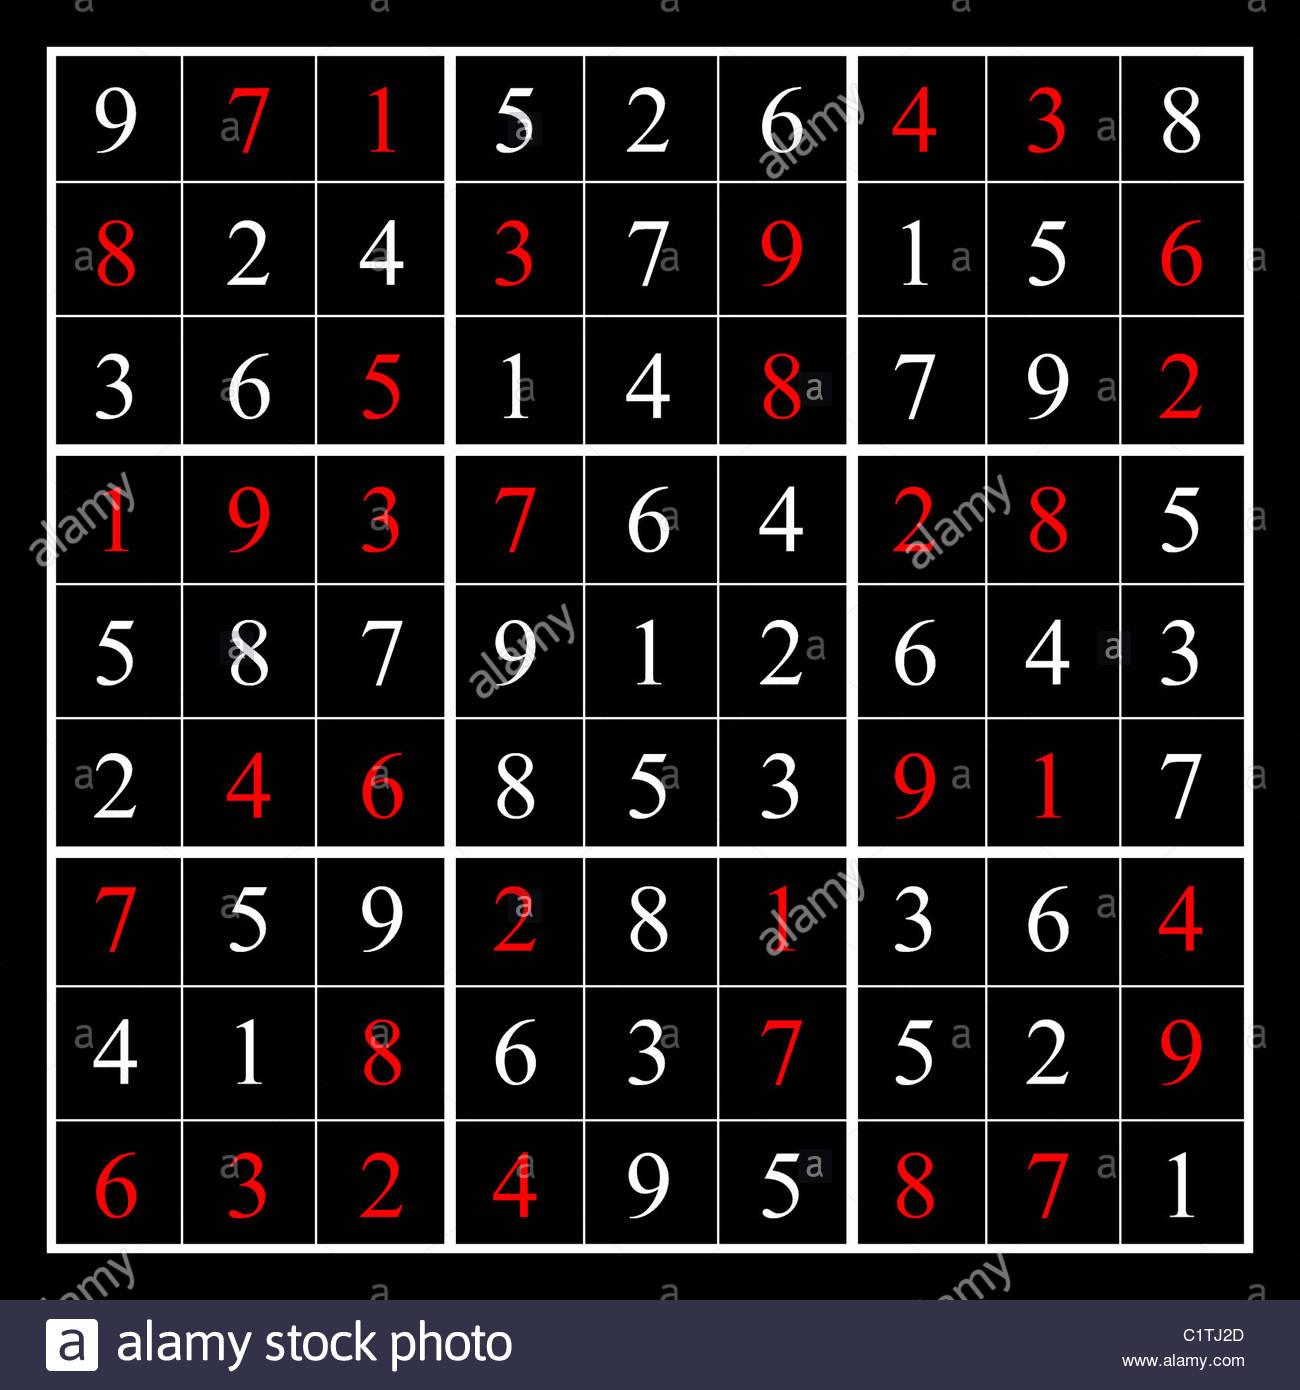 La Solution D'un Puzzle De Sudoku Facile, Illustré Avec Des tout Sudoku Facile Avec Solution